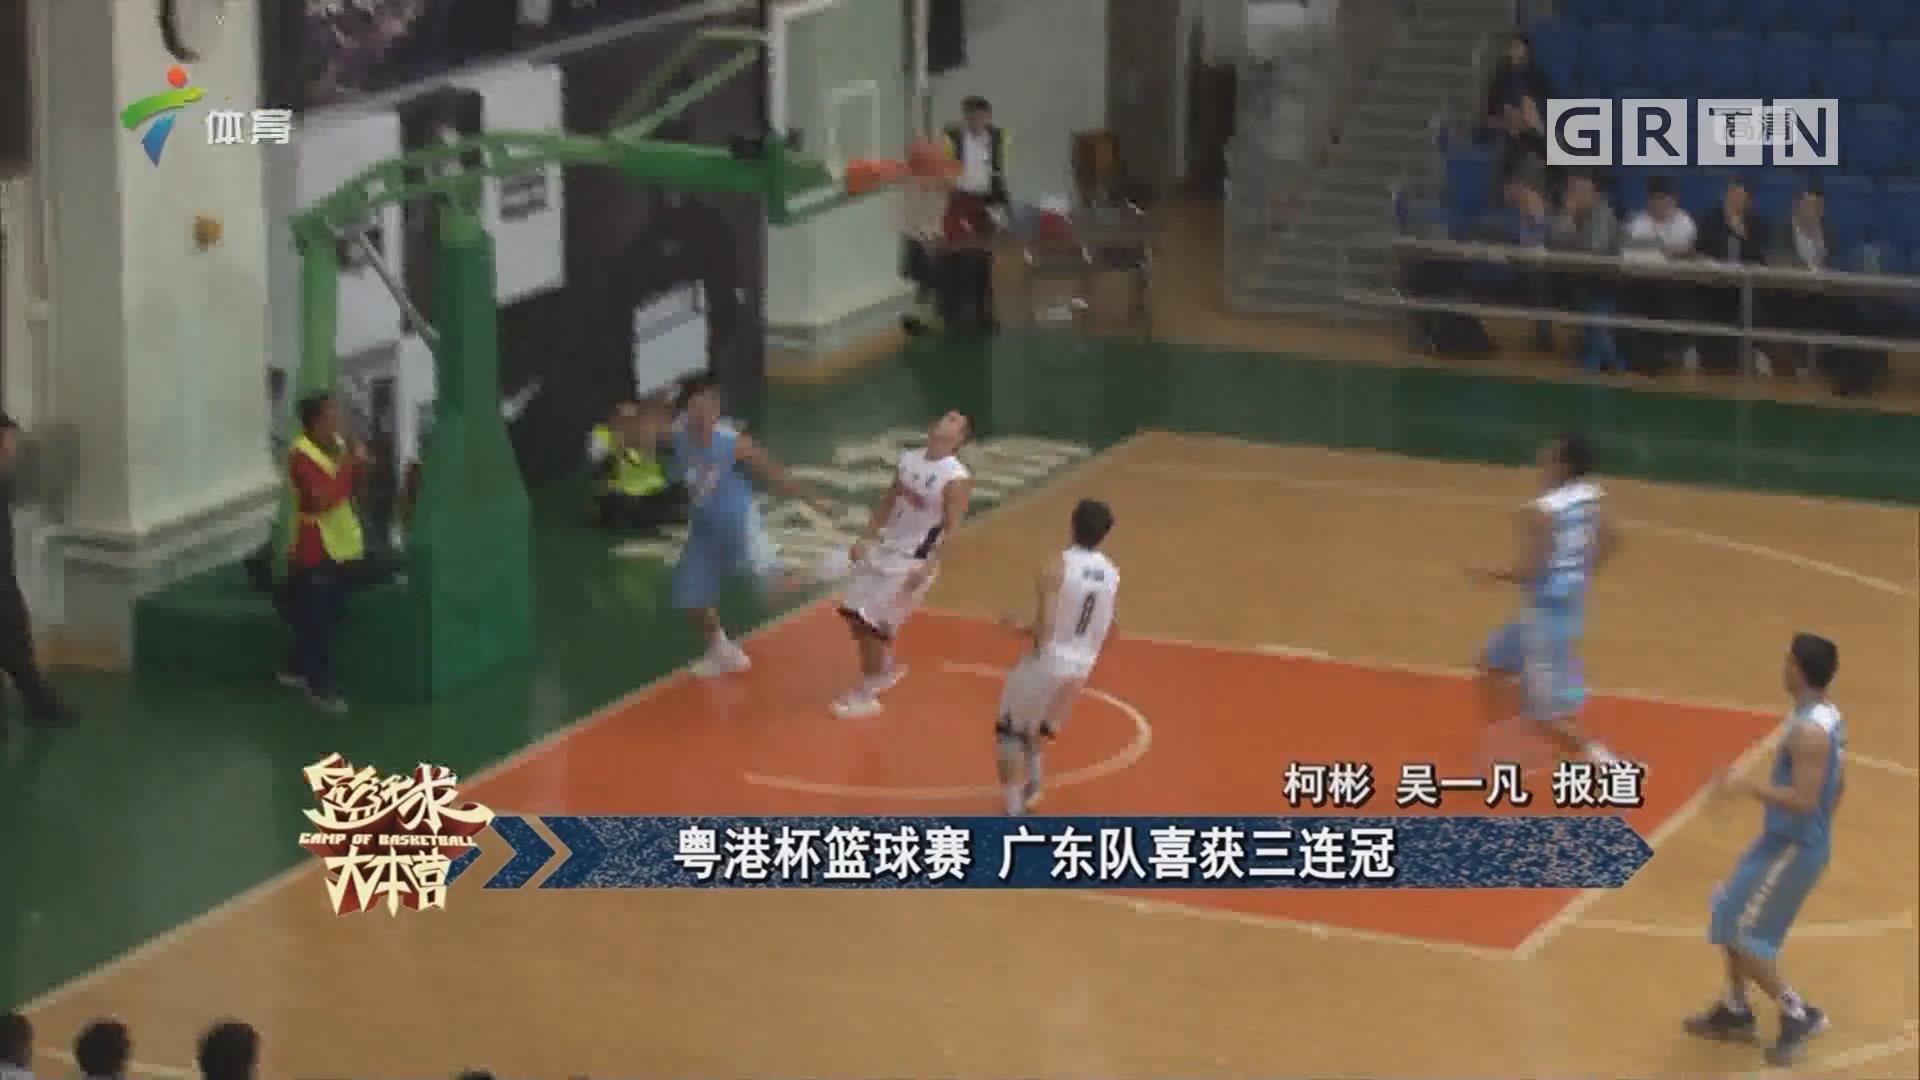 粤港杯篮球赛 广东队喜获三连冠